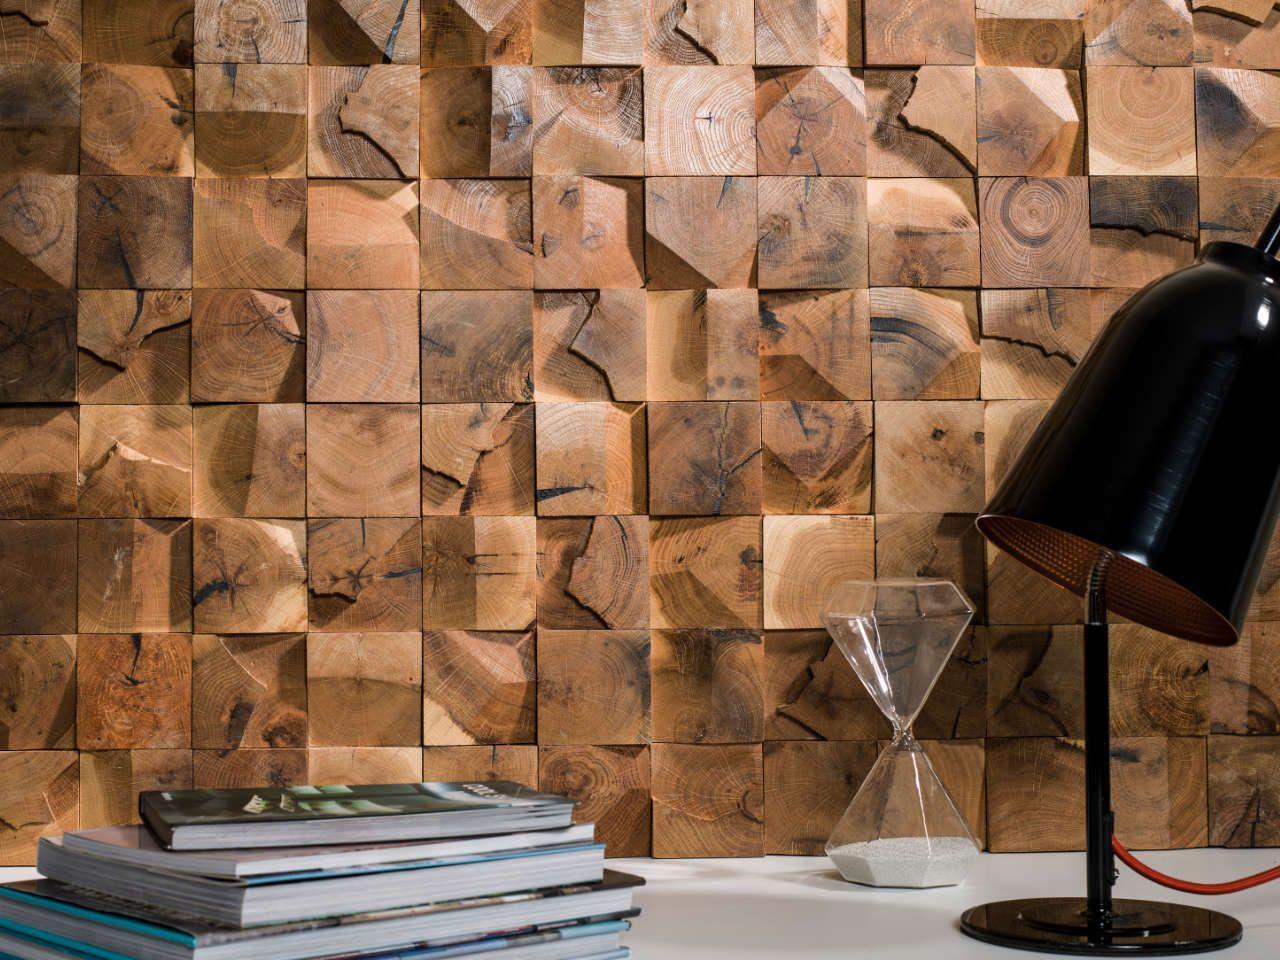 porcelanosa - carreaux mosaïque wood cubes 32x32x1,9cm   Своими